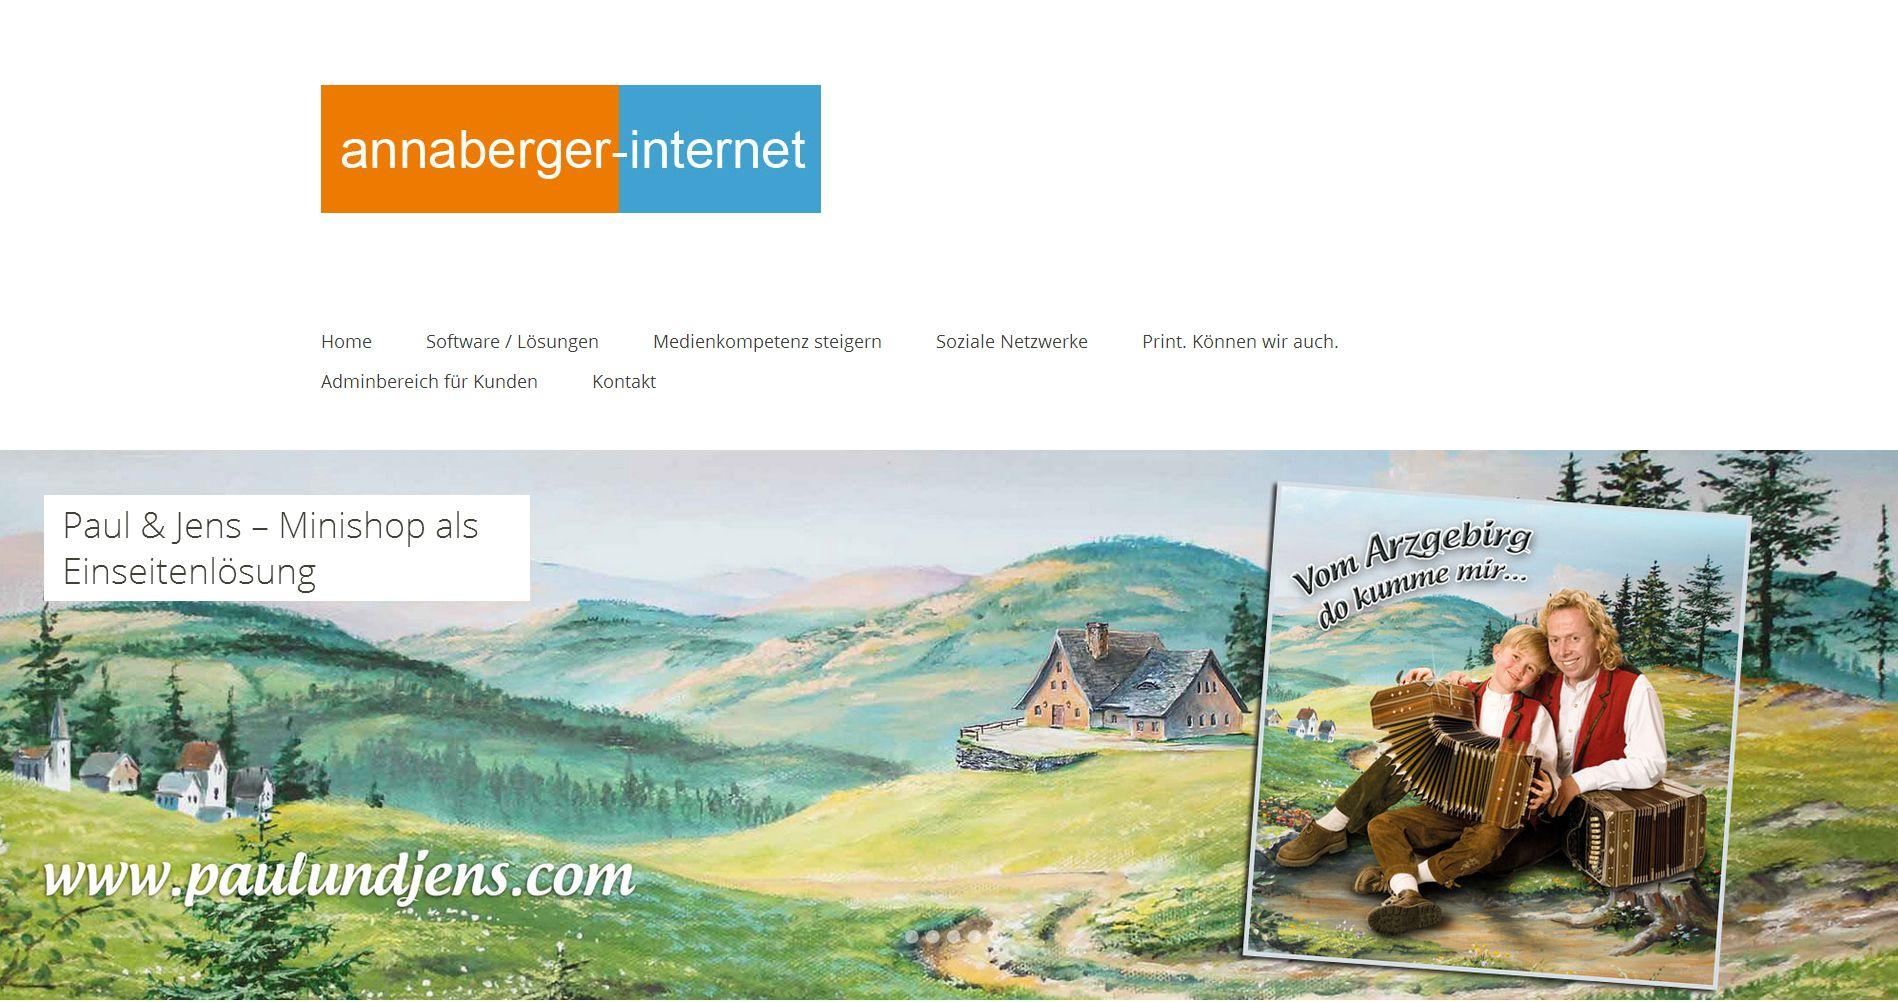 2014 Blog von annaberger-internet